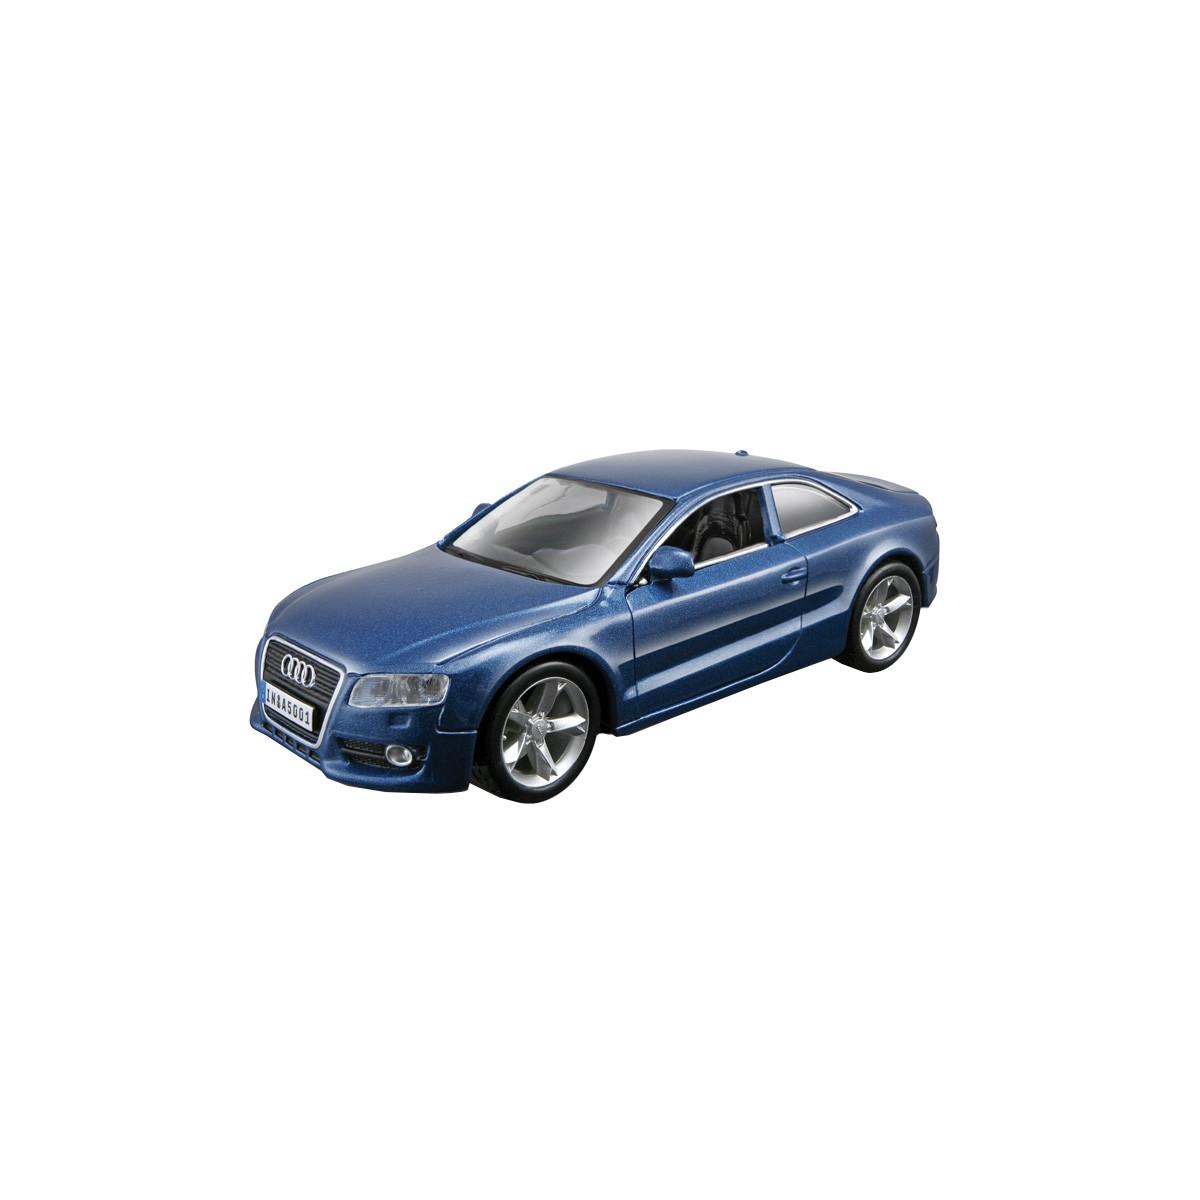 Автомодель - AUDI A5 (ассорти синий металлик, белый, 1:32), 18-43008